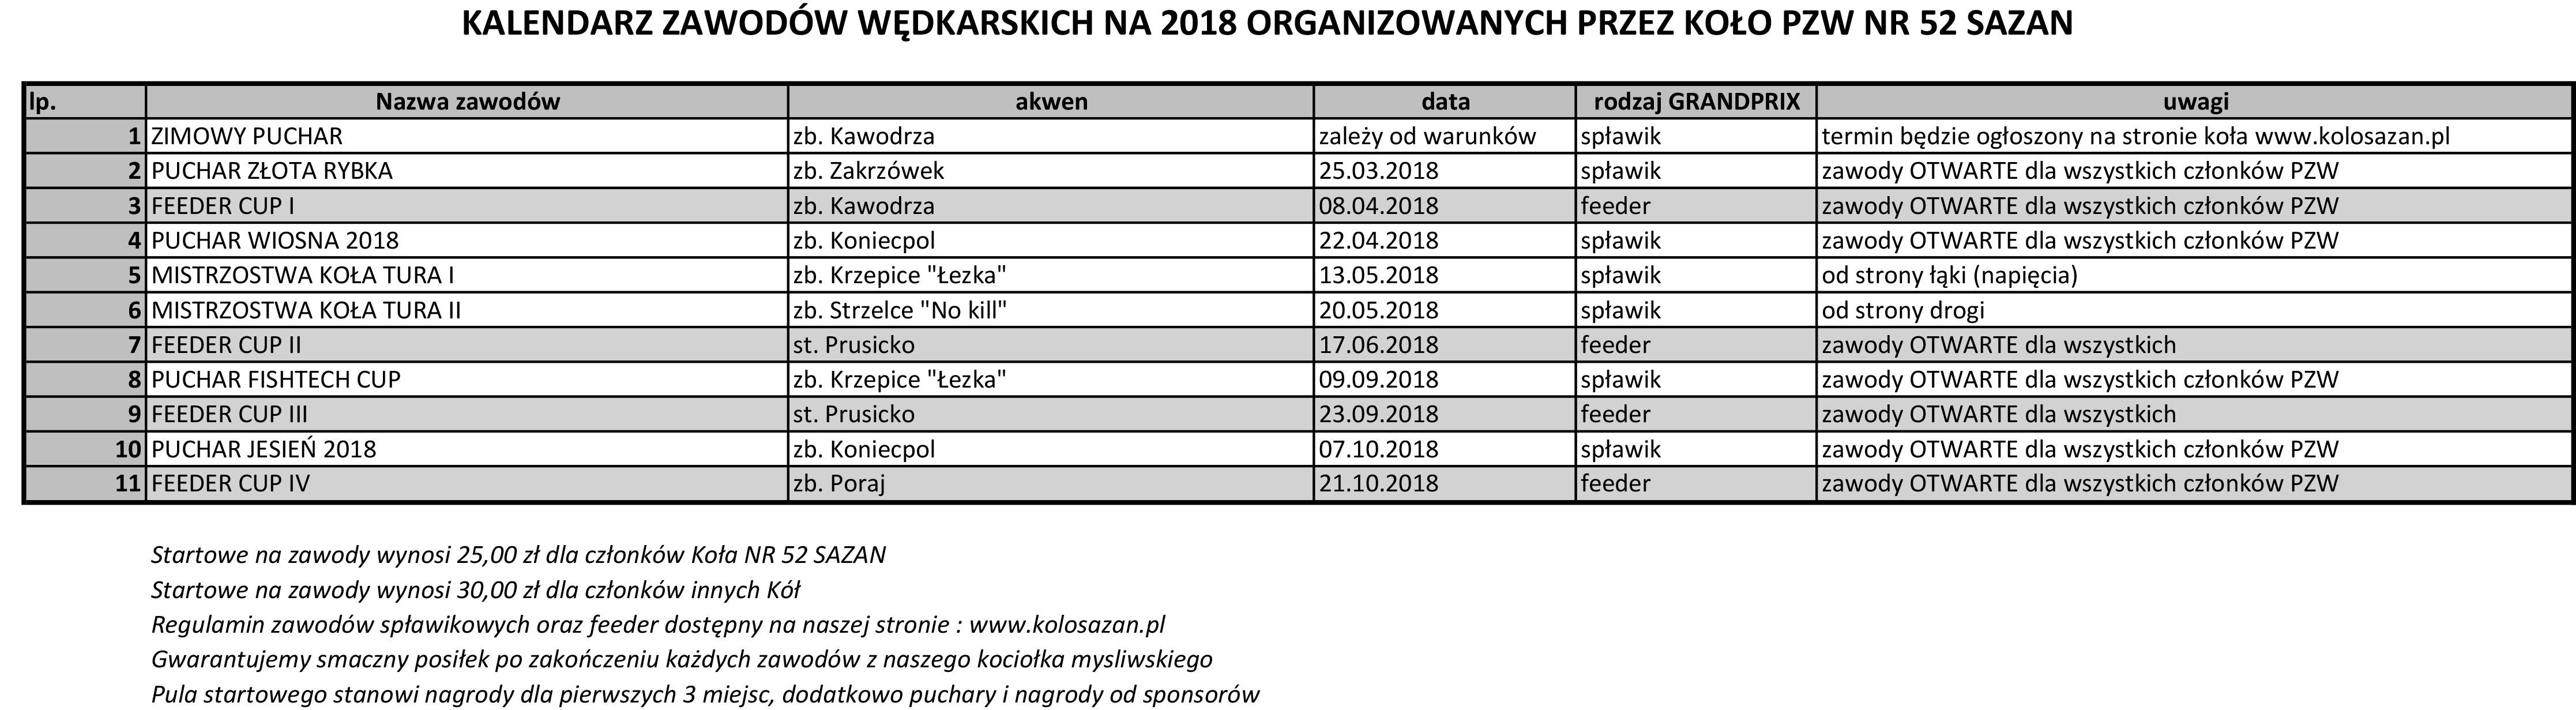 Terminarz zawodów wędkarskich 2018!